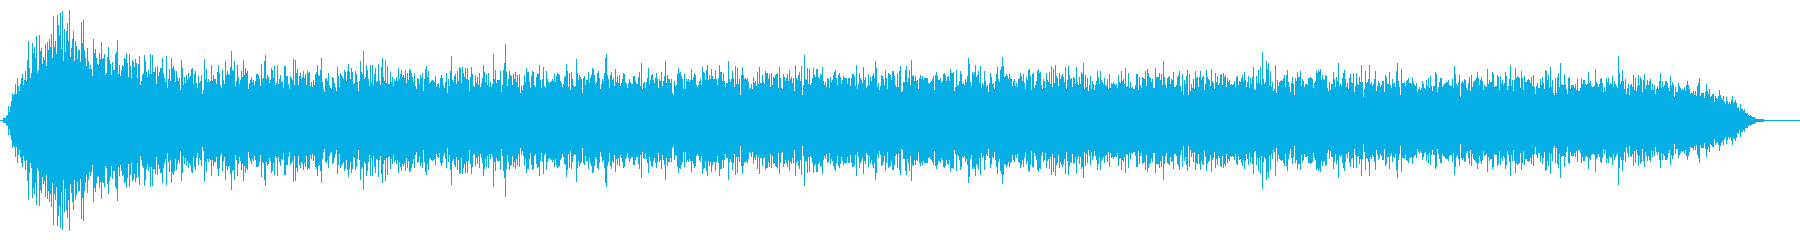 スキューバ機器:フォリー:マウスピ...の再生済みの波形